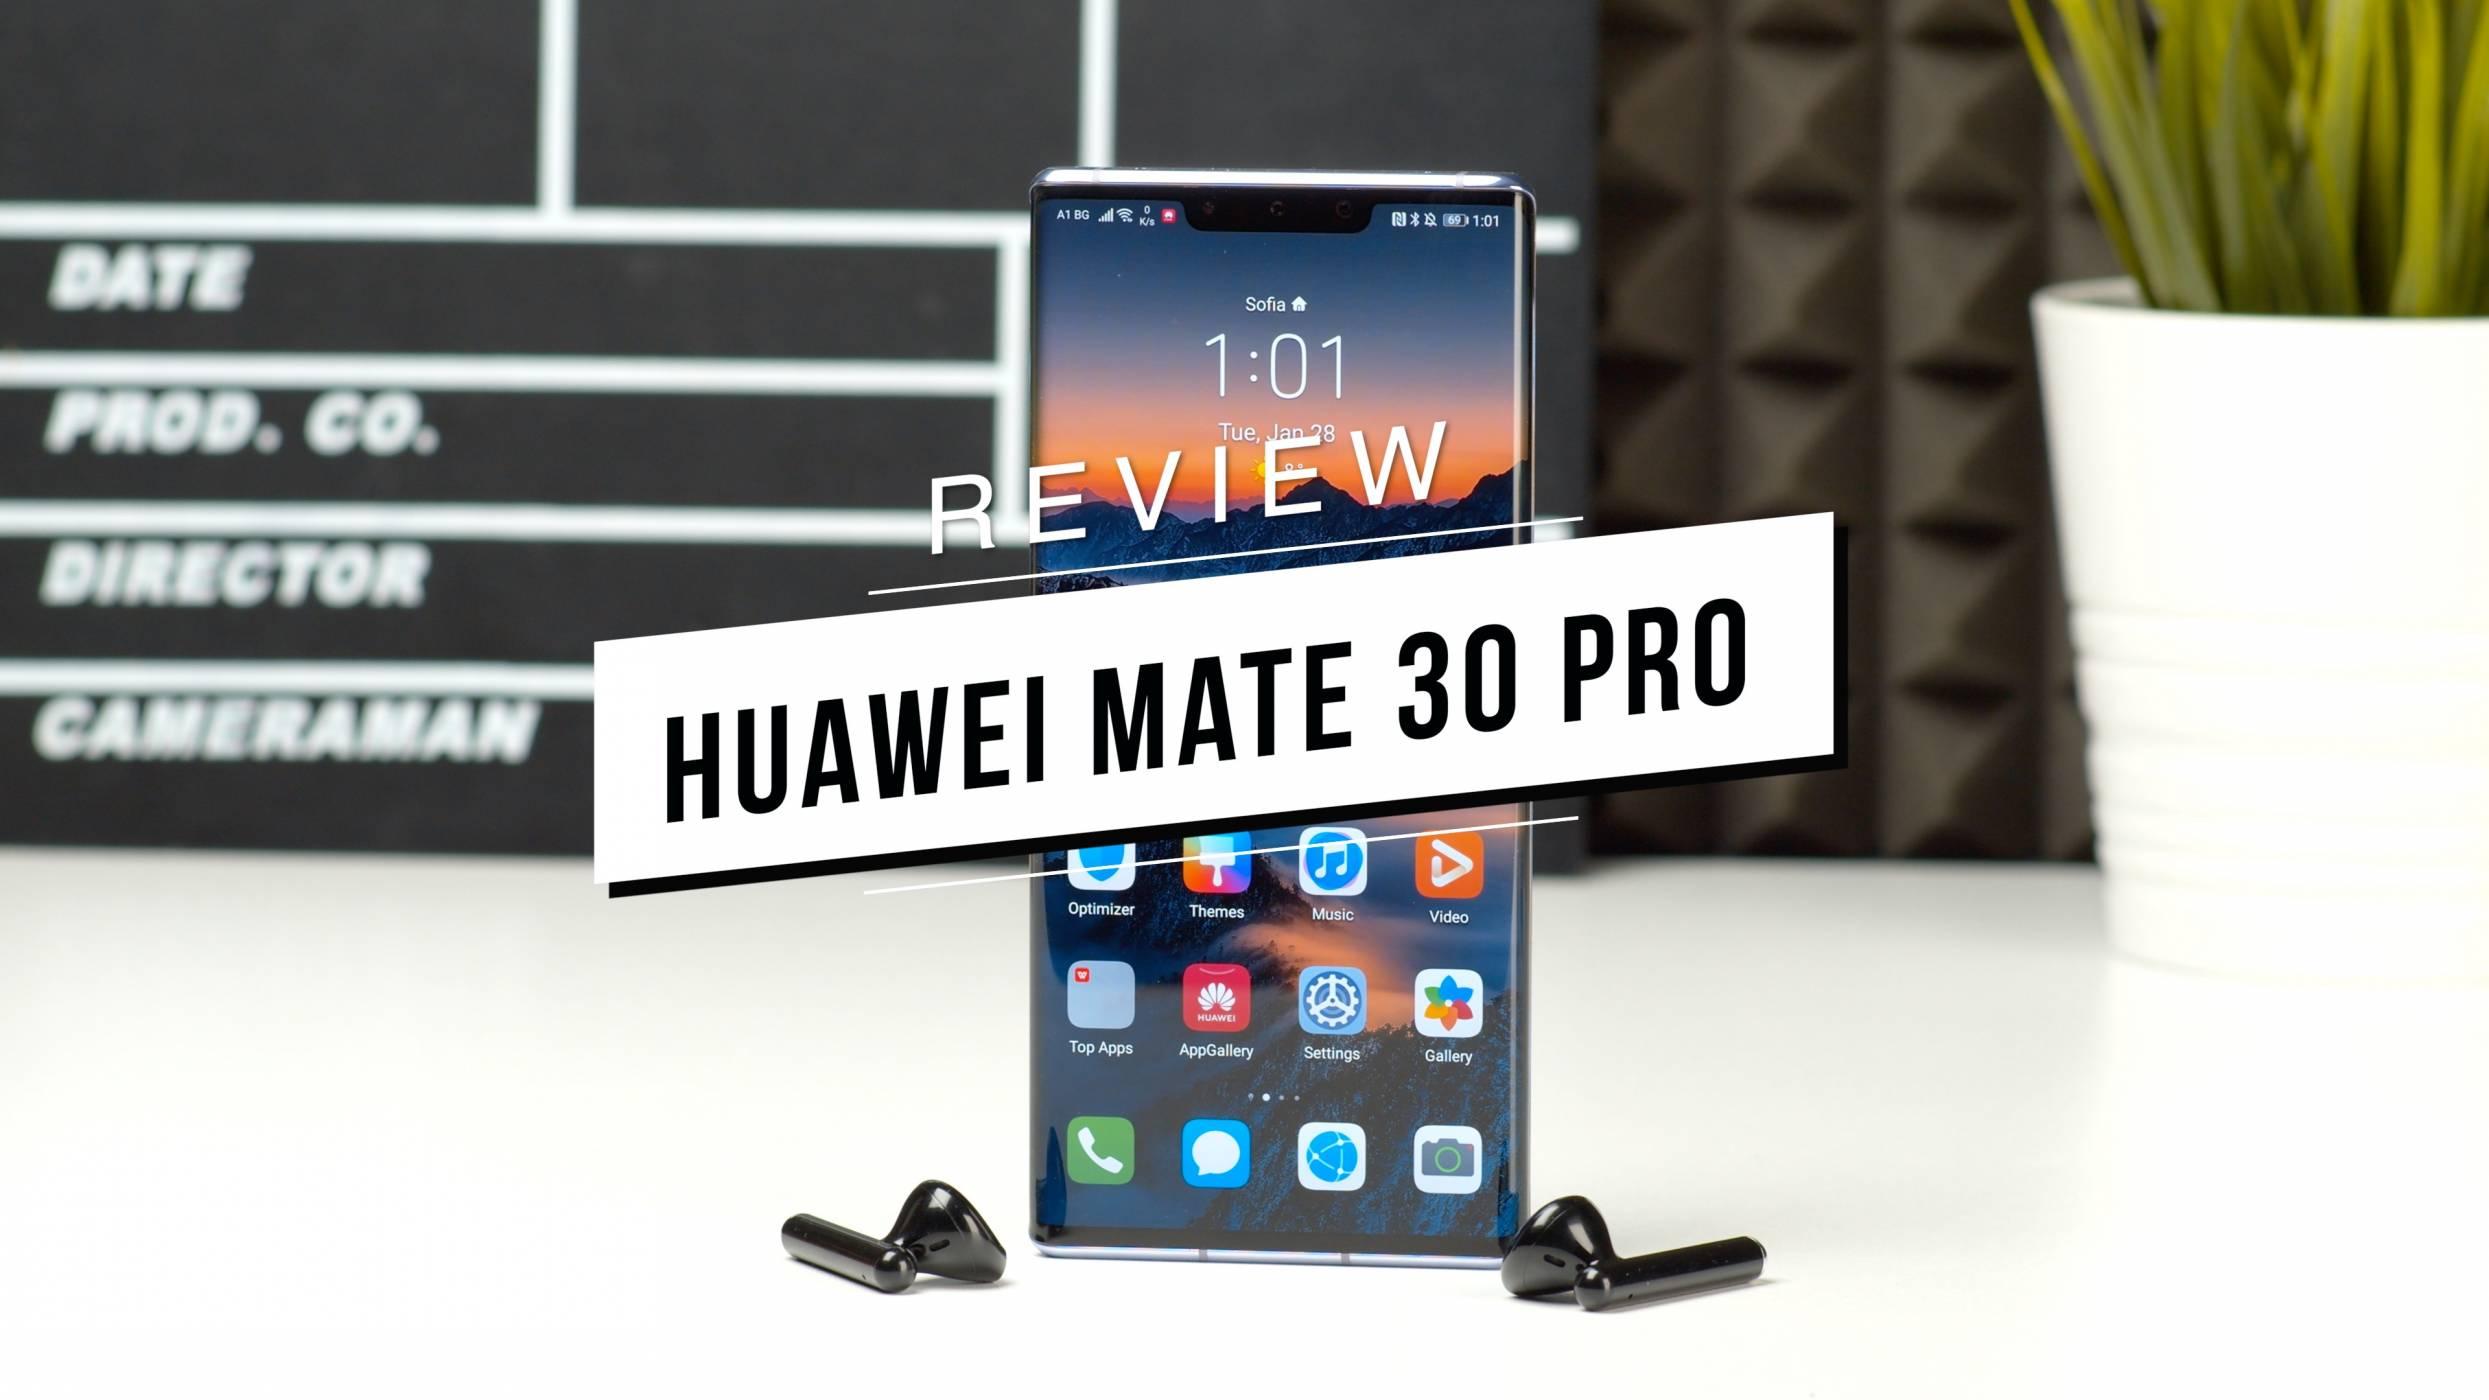 Huawei Mate 30 Pro (РЕВЮ): Животът е хубав и без Play Store